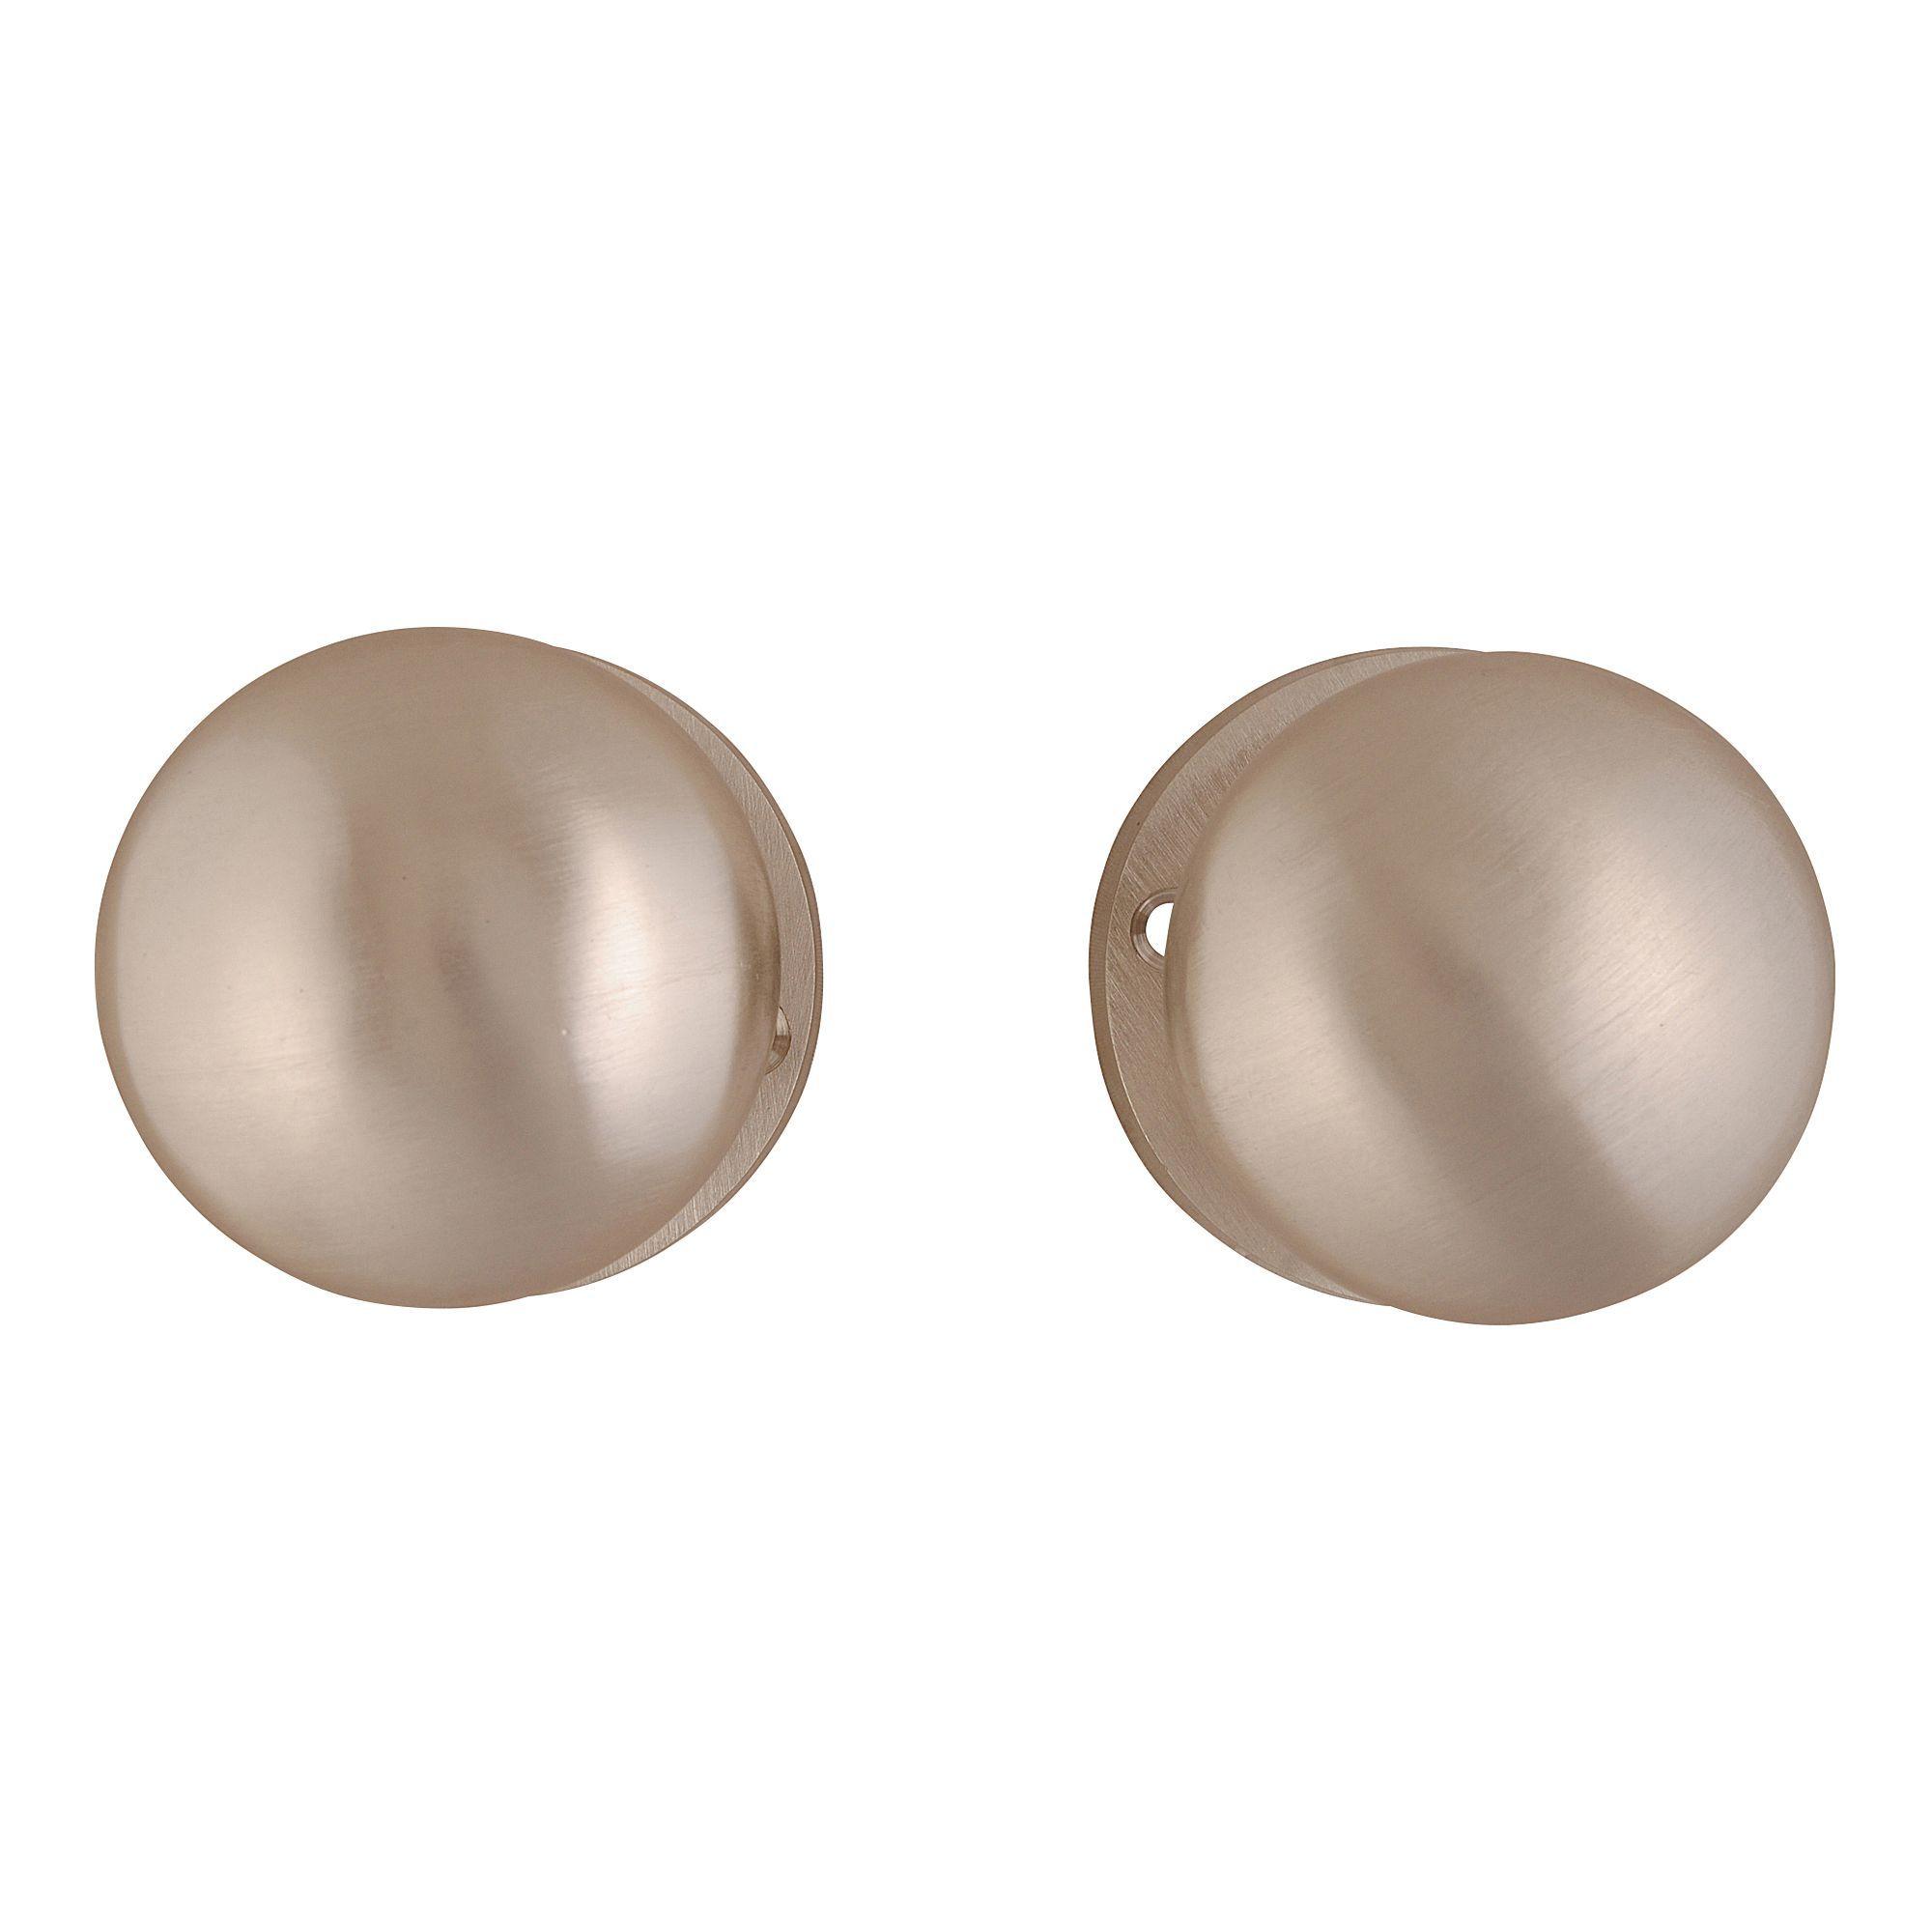 Door >> Satin Nickel Effect Internal Round Latch Door Knob, 1 Set | Departments | DIY at B&Q